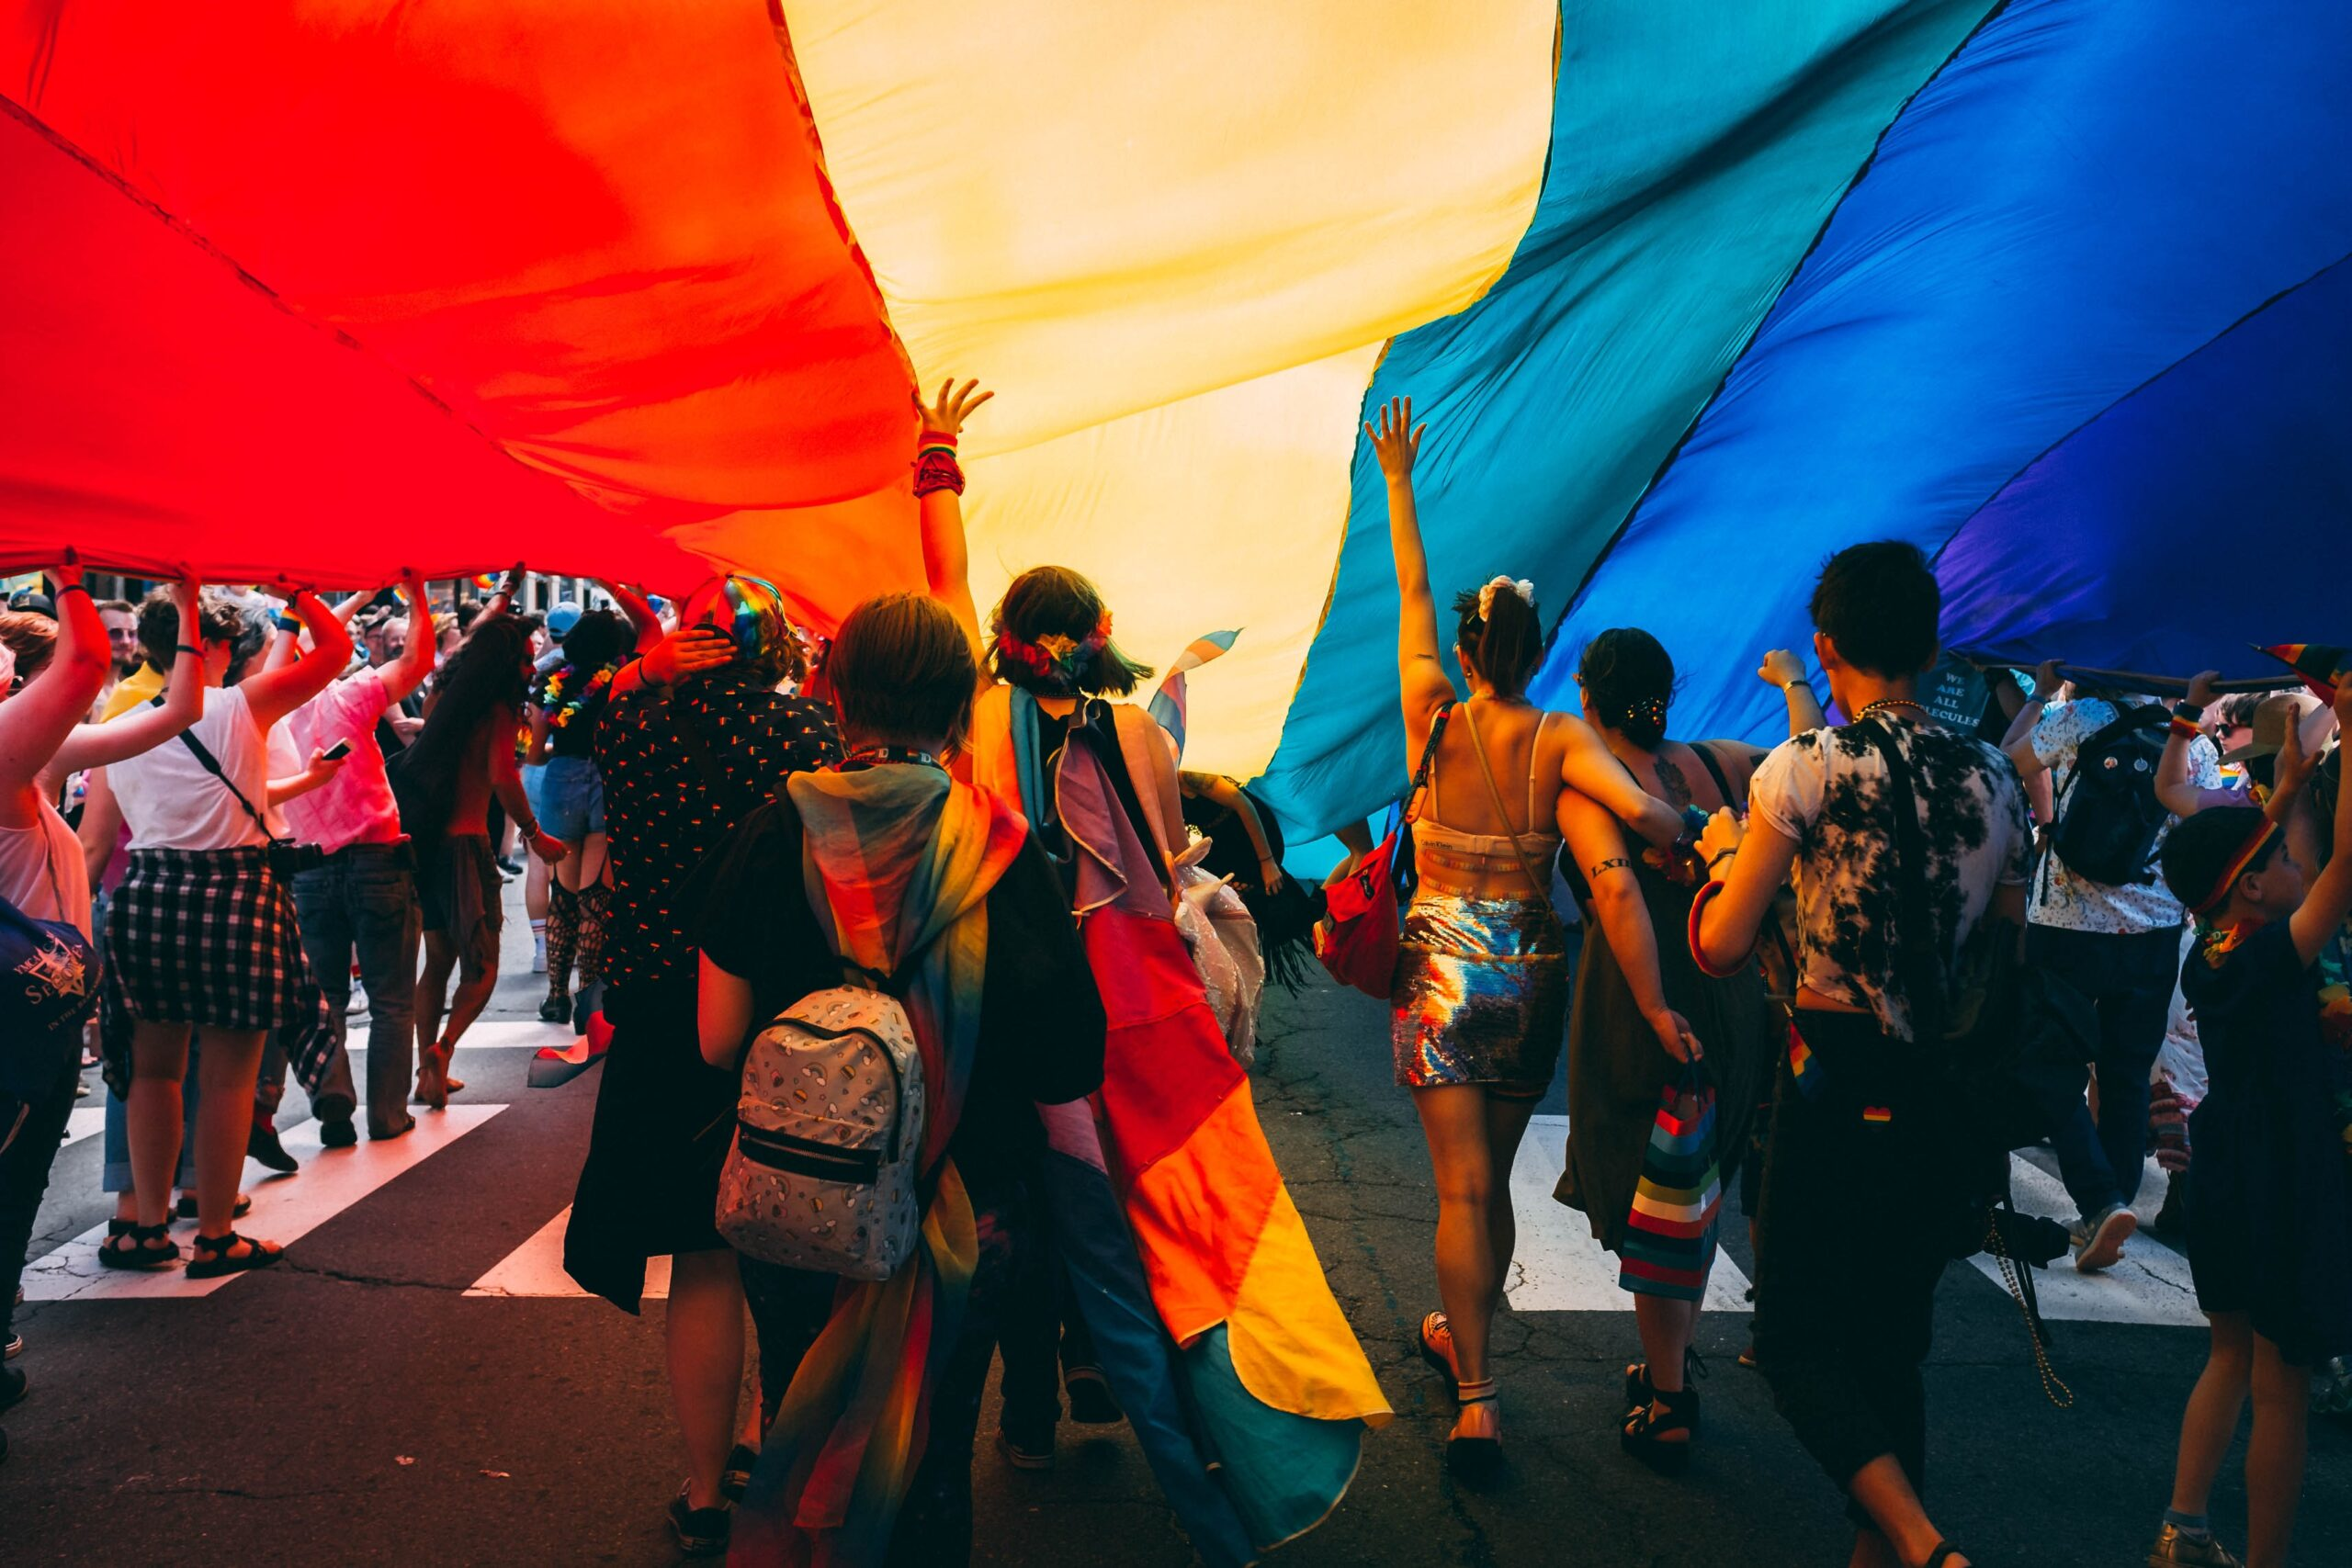 Inmitten der Merkmale der Generation Z verändern ihre sexuelle Identität und ihre Vorstellungen die LGBT-Community.